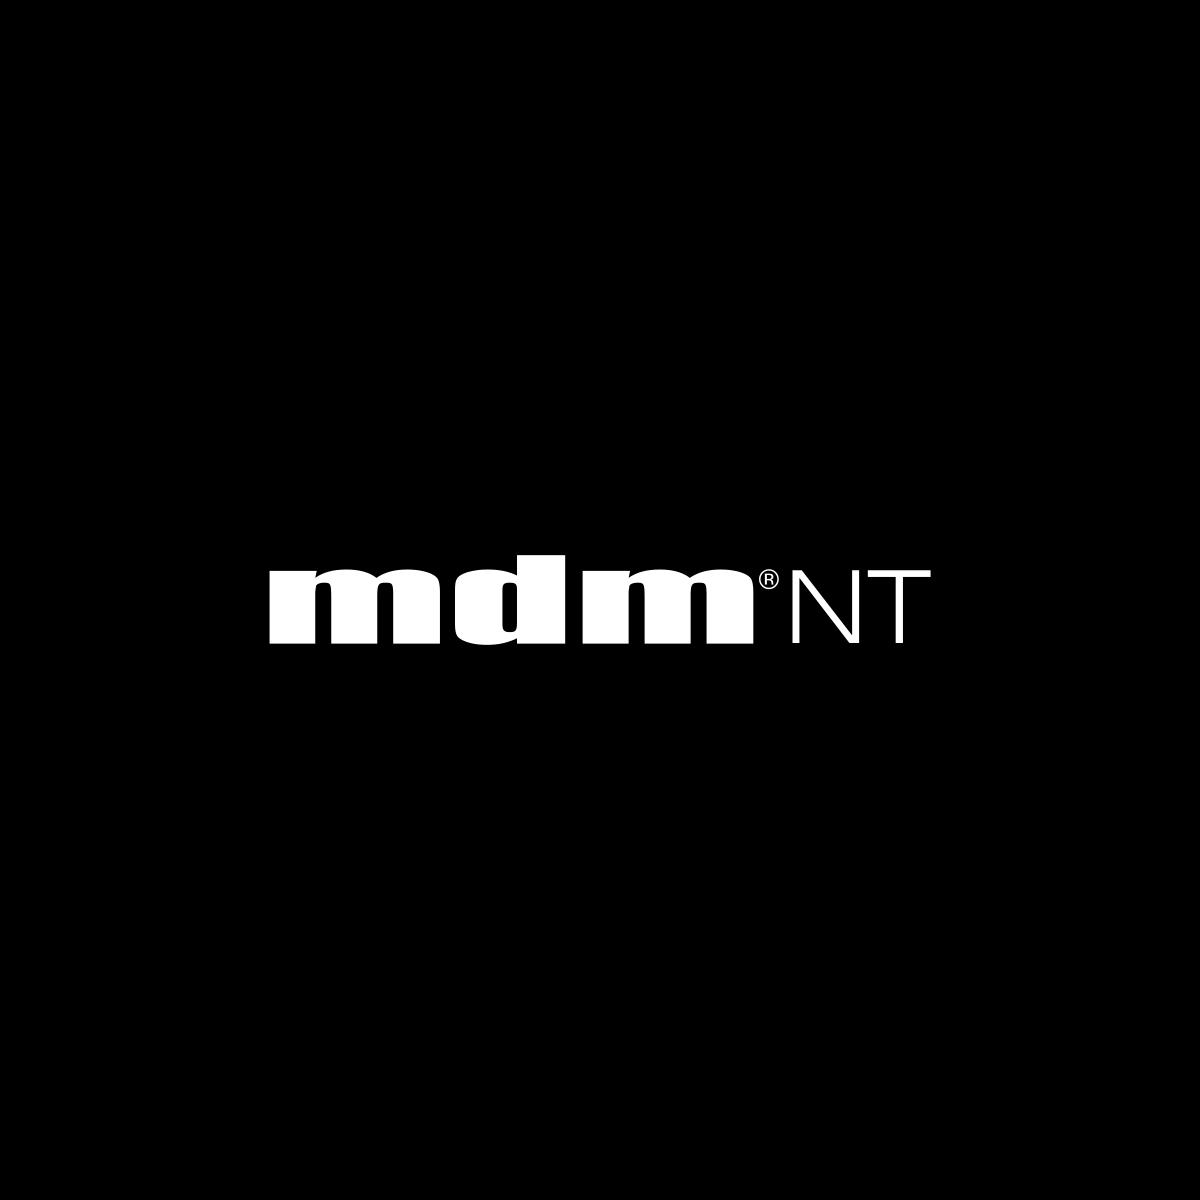 mdm®NT